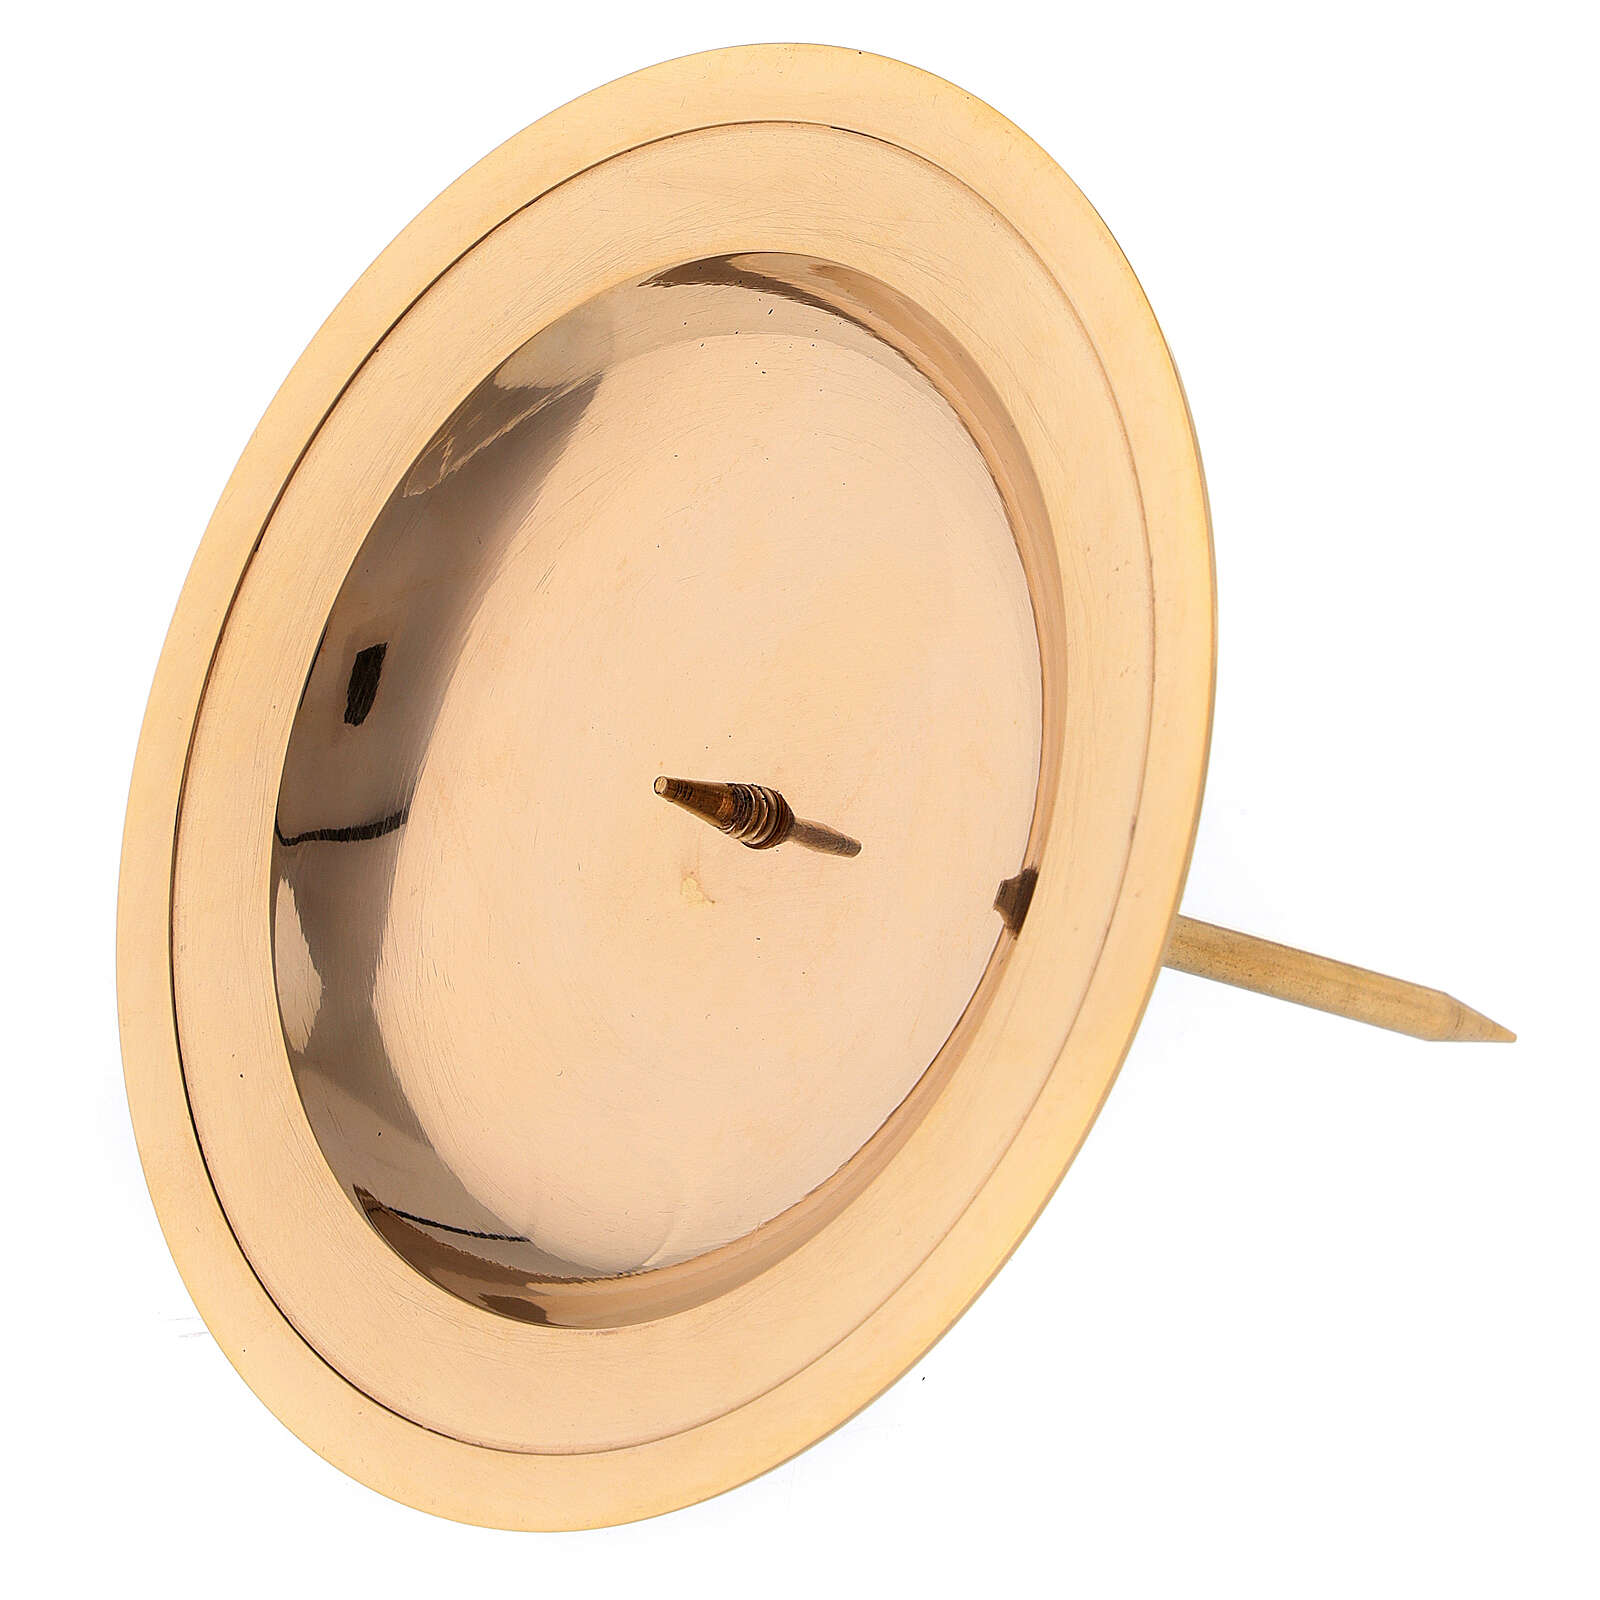 Base vela de latón dorado lúcido para corona de Adviento 7 cm 3